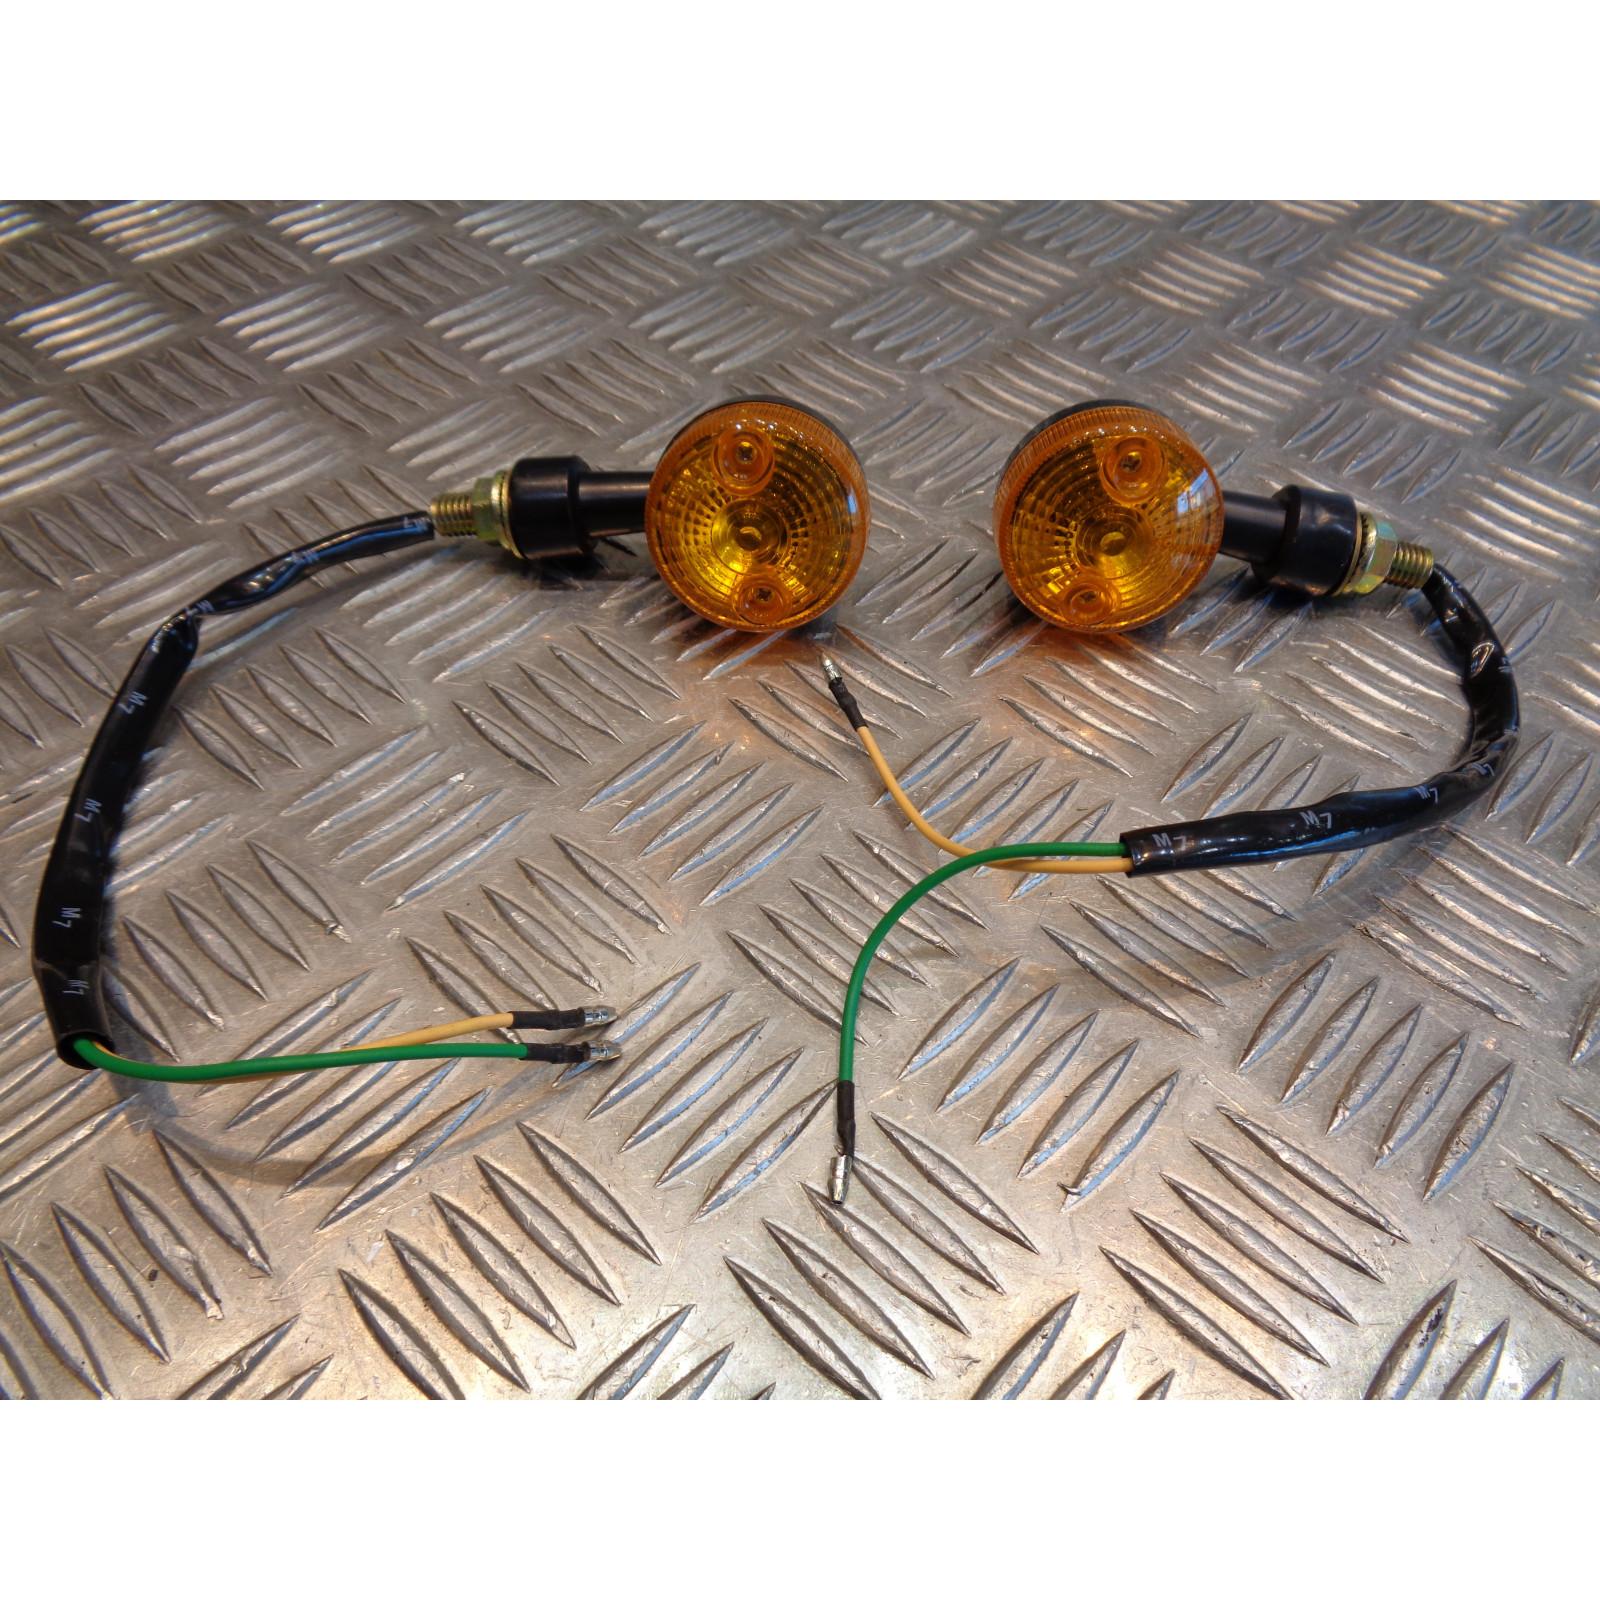 2 x clignotant noir verre orange ampoule 12v - 5w moto scooter quad